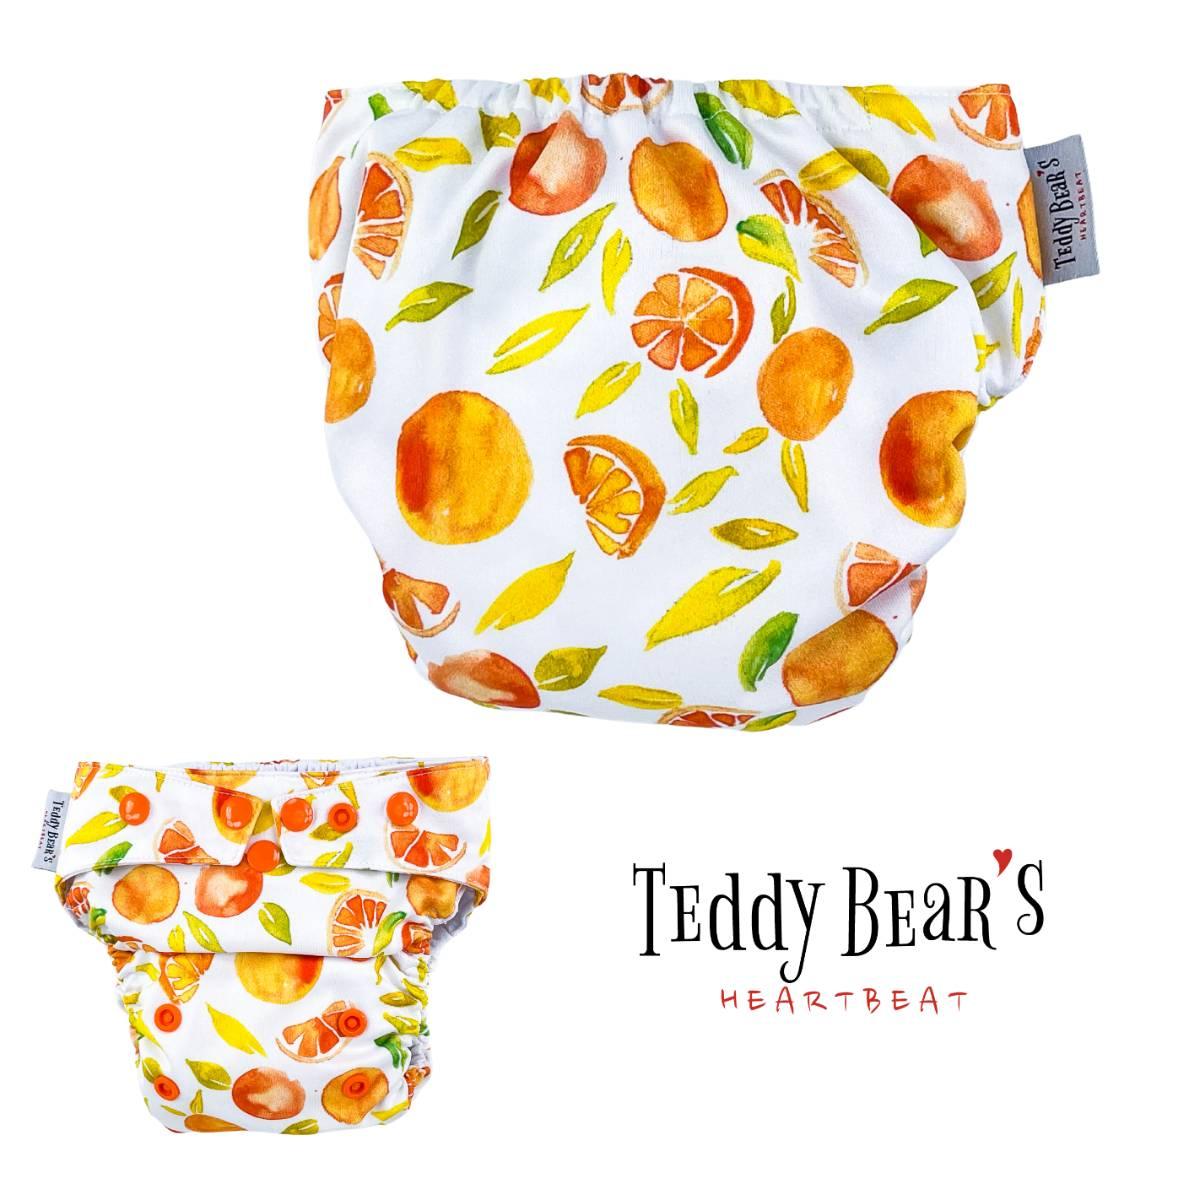 sunny-joy-ergonomisk-toybleie-innlegg-booster-teddy-bears-heartbeat